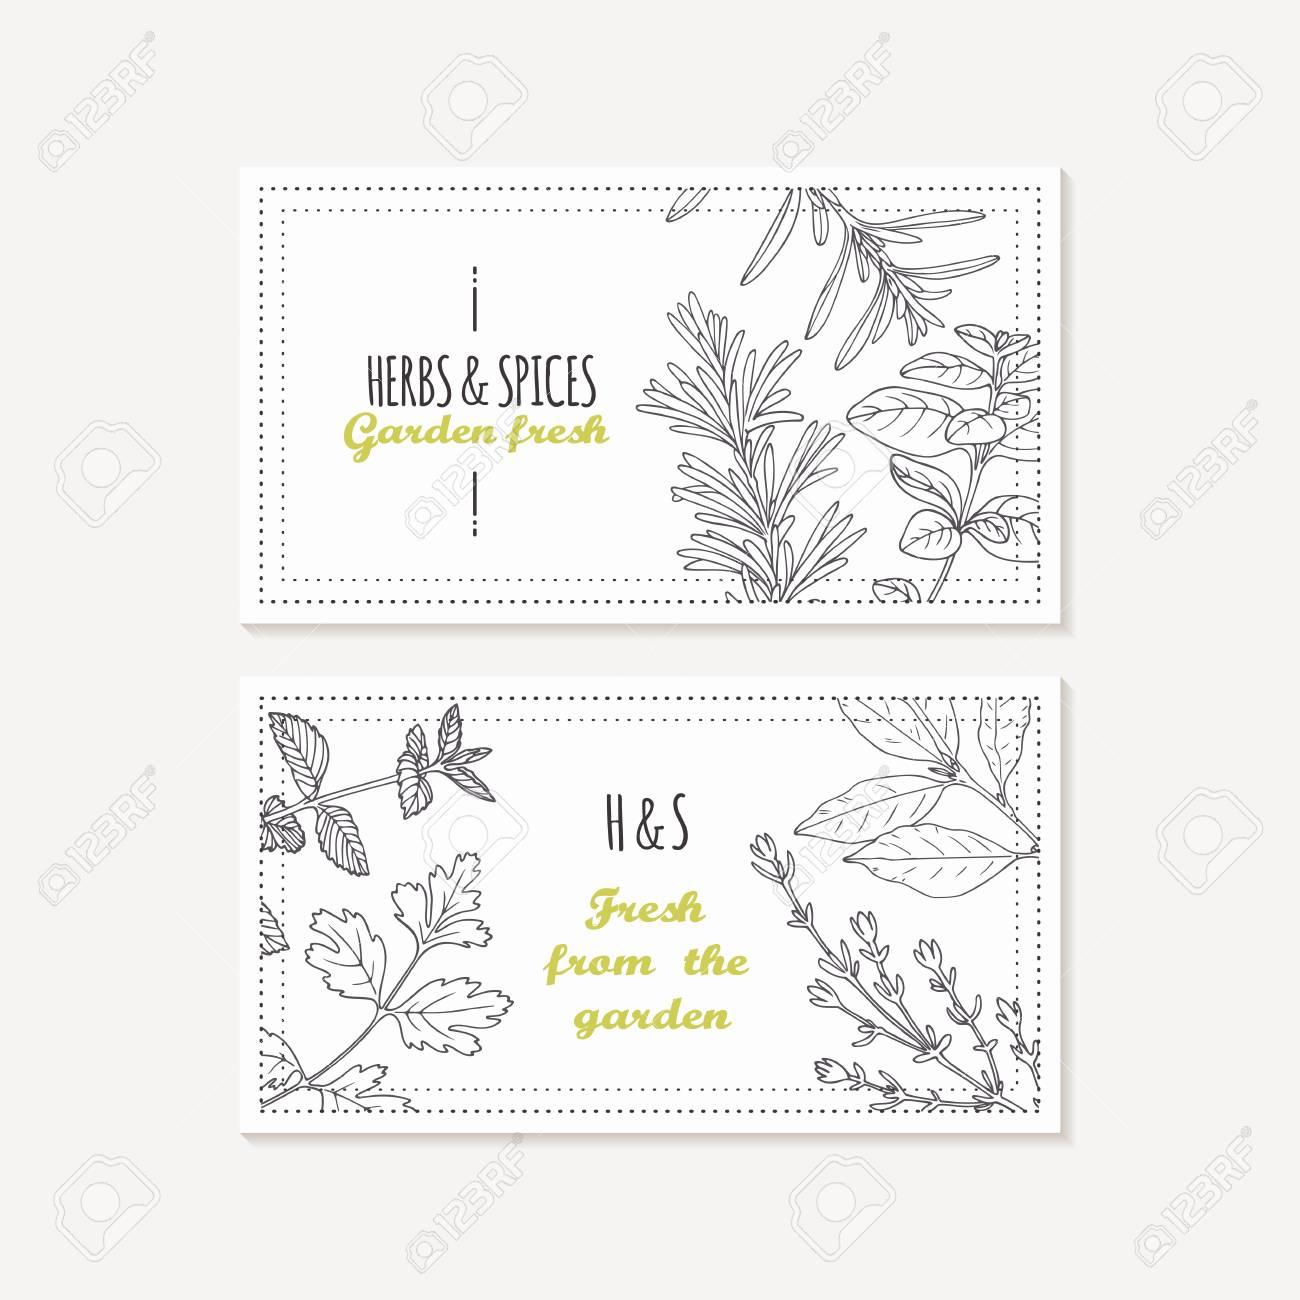 Modles De Carte Visite Avec Des Herbes Pices Dessins La